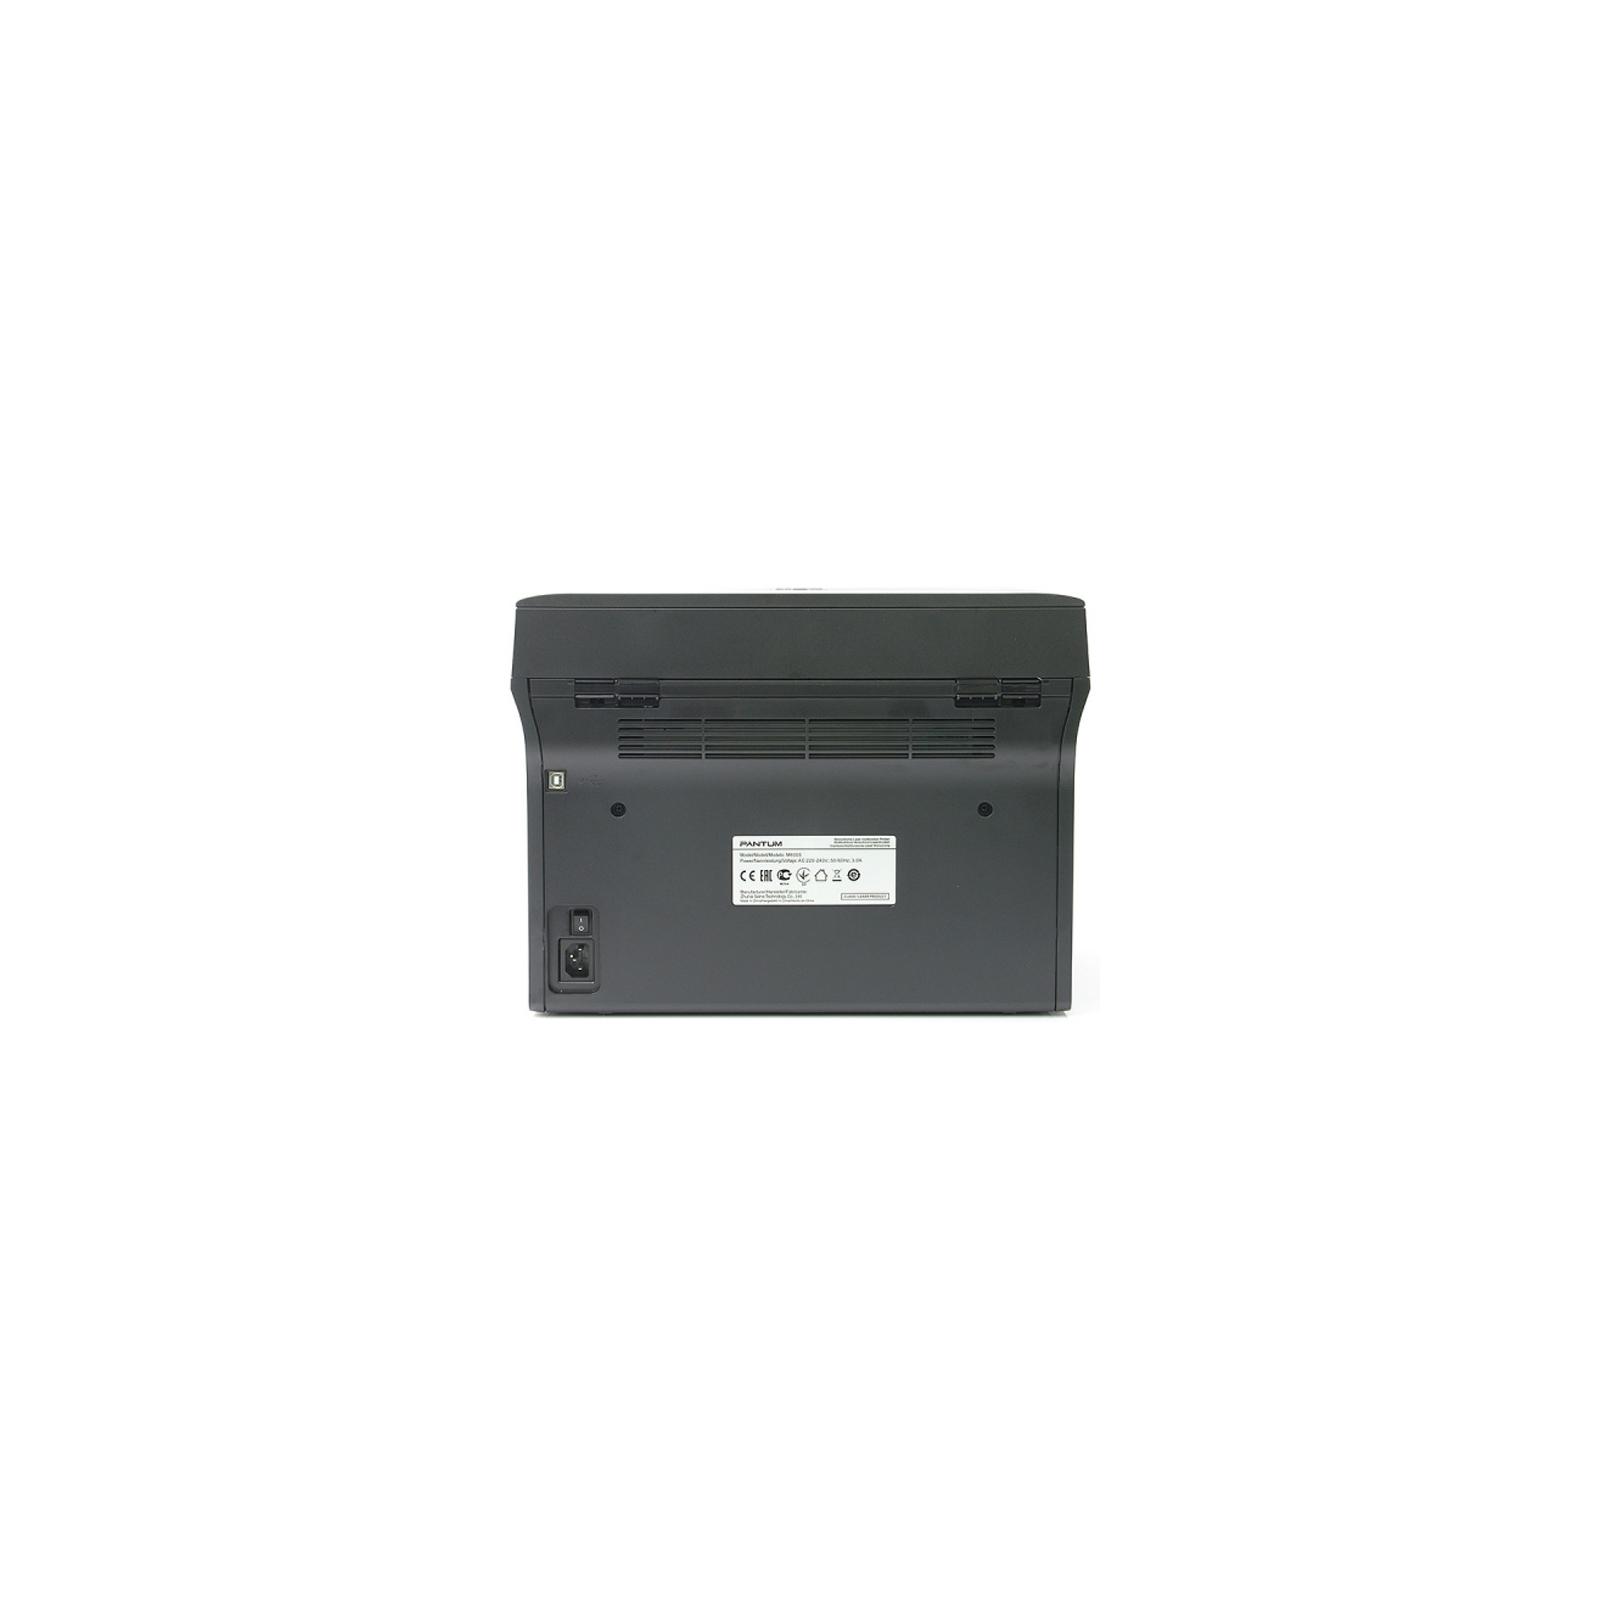 Многофункциональное устройство Pantum M6005 изображение 3